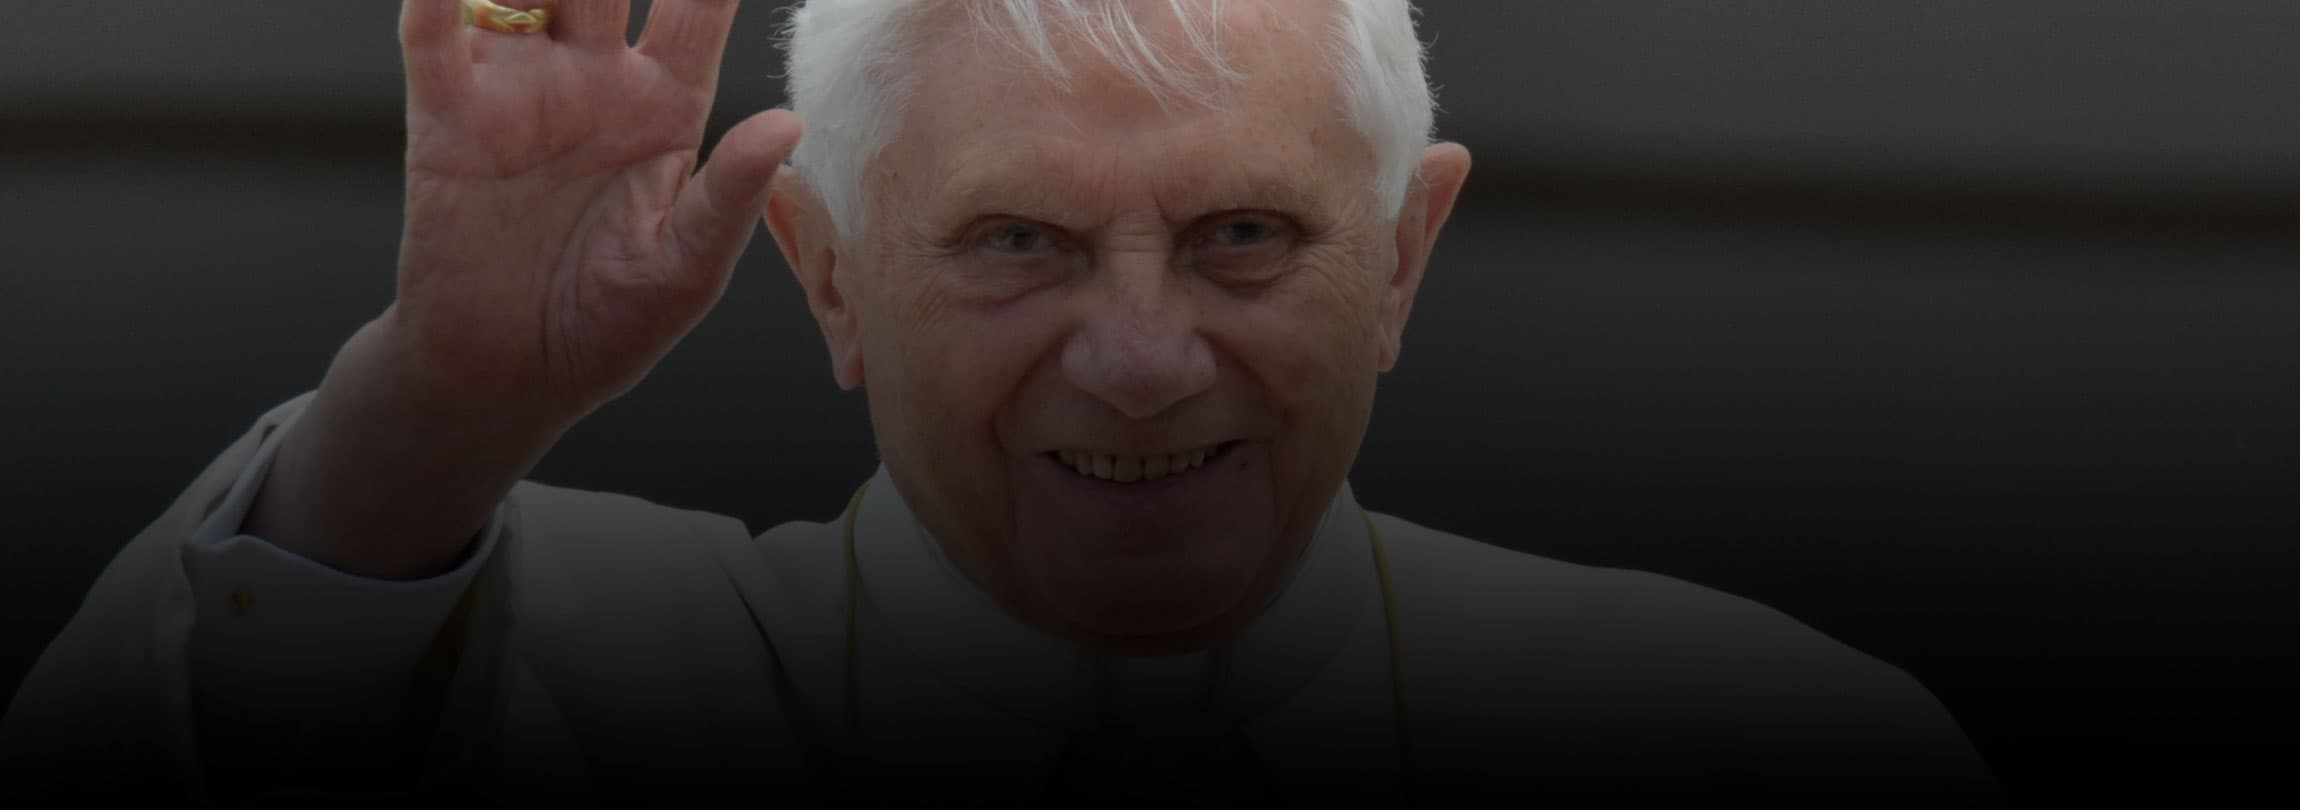 O adeus de um Papa